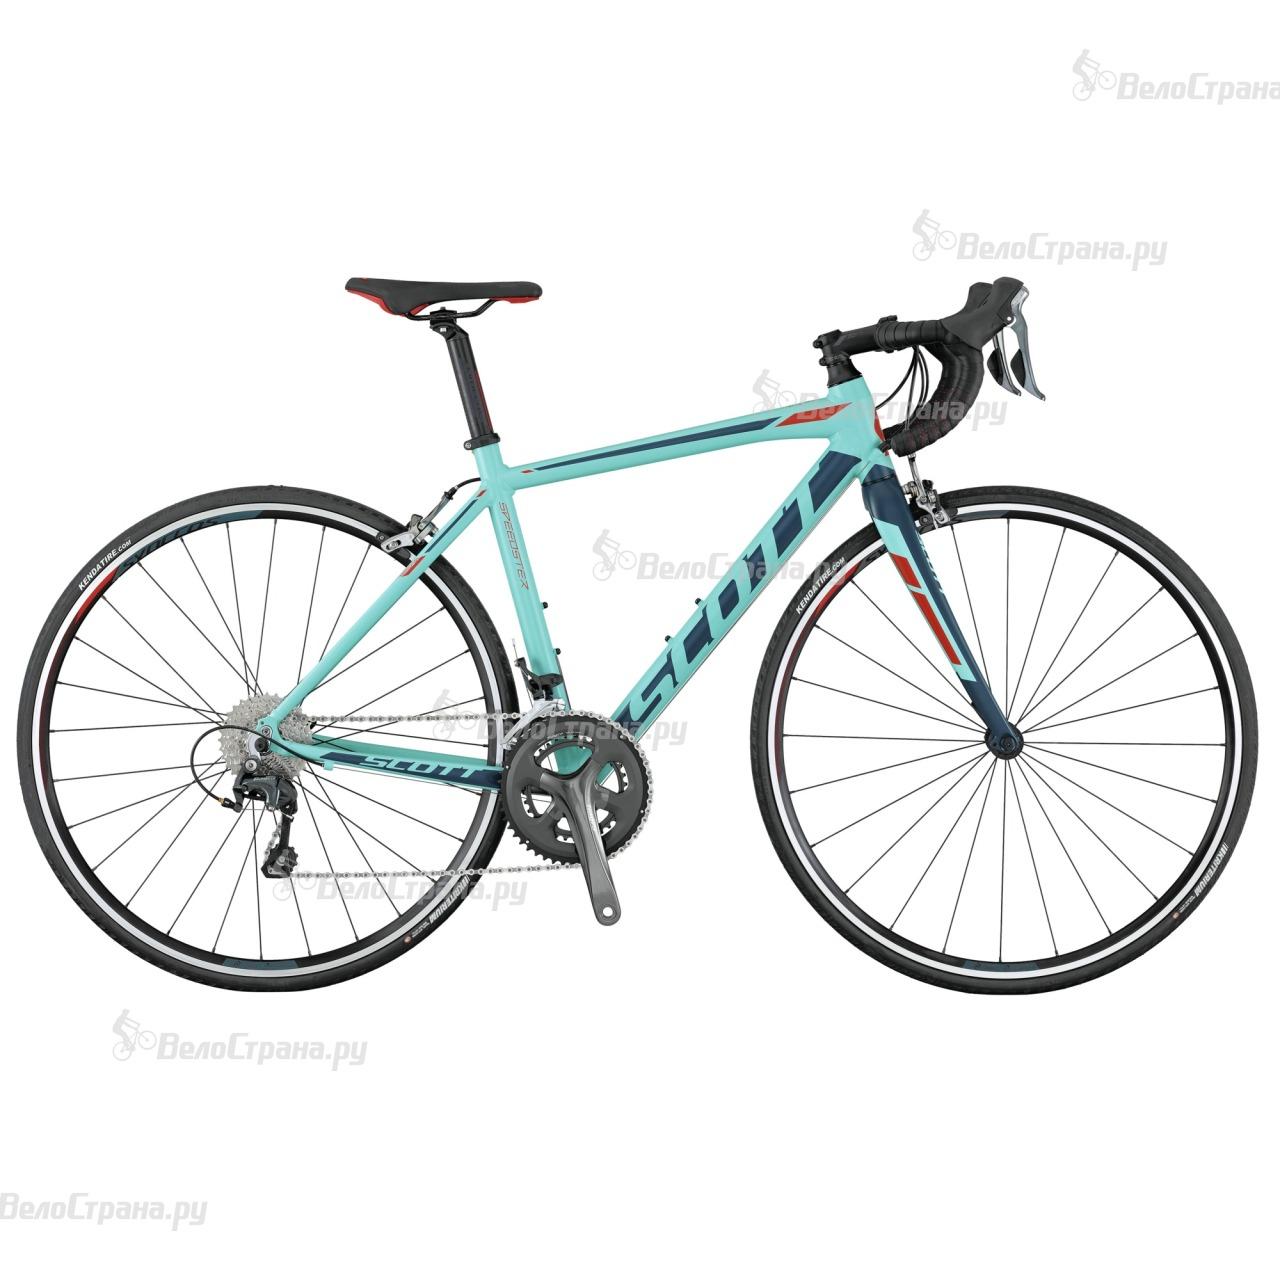 Велосипед Scott Contessa Speedster 25 (2017) велосипед scott contessa speedster 15 2015